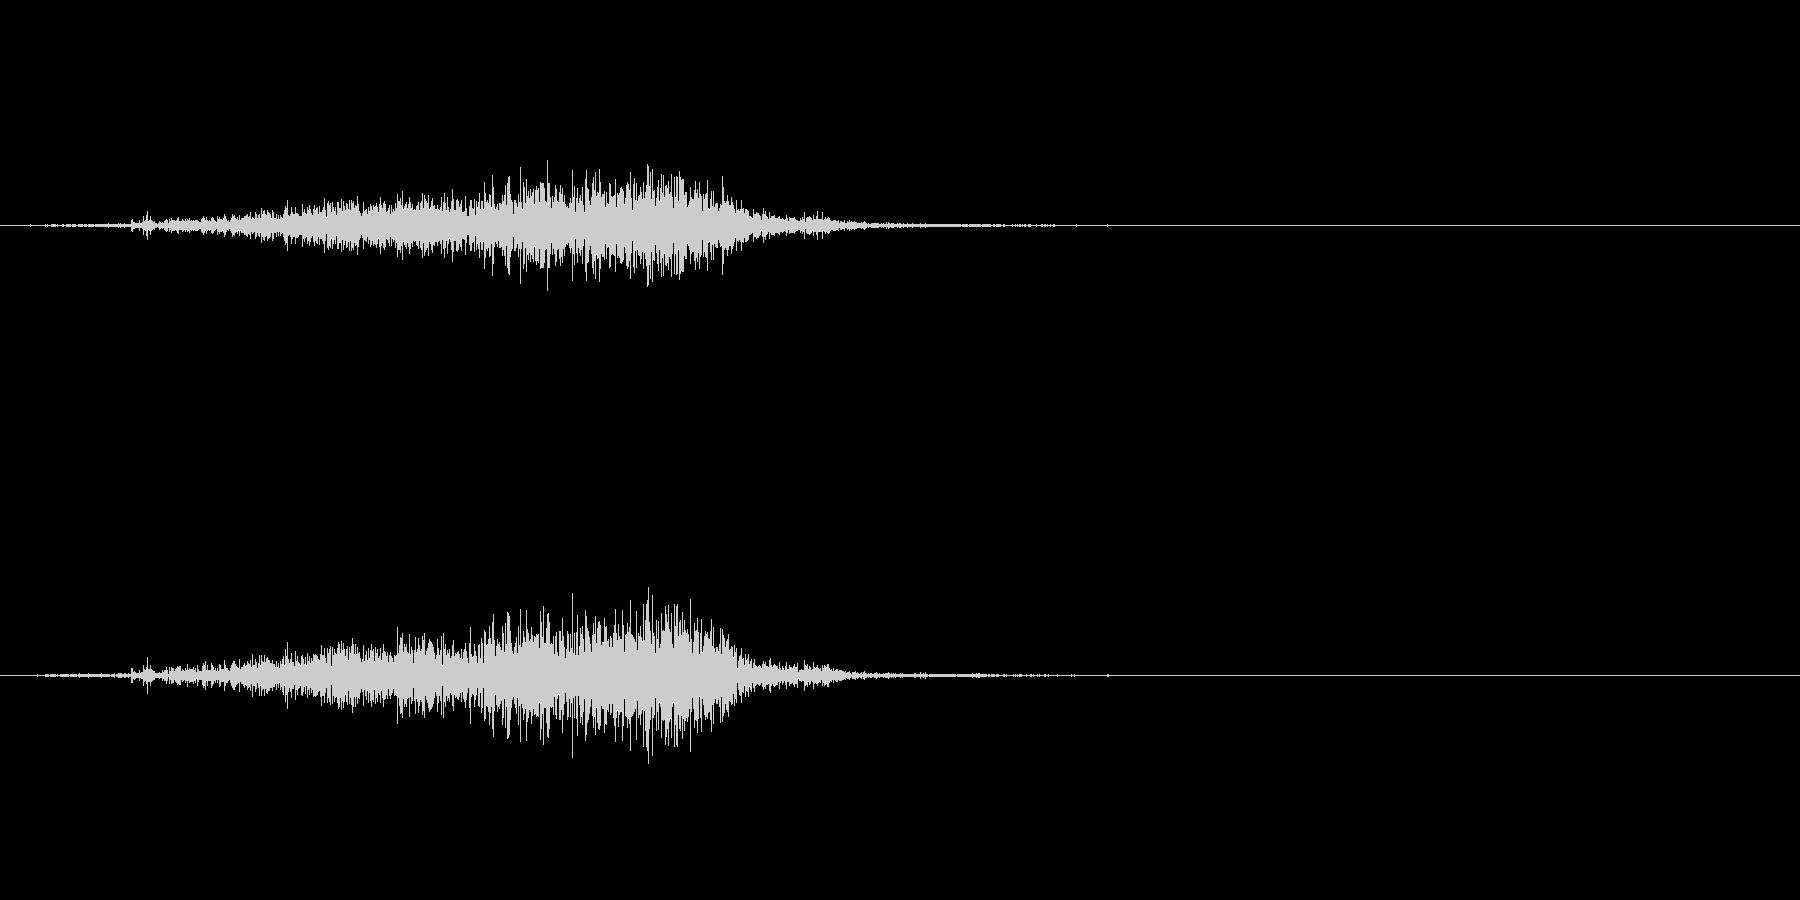 【生録音】 ティッシュを取る音 リアルの未再生の波形